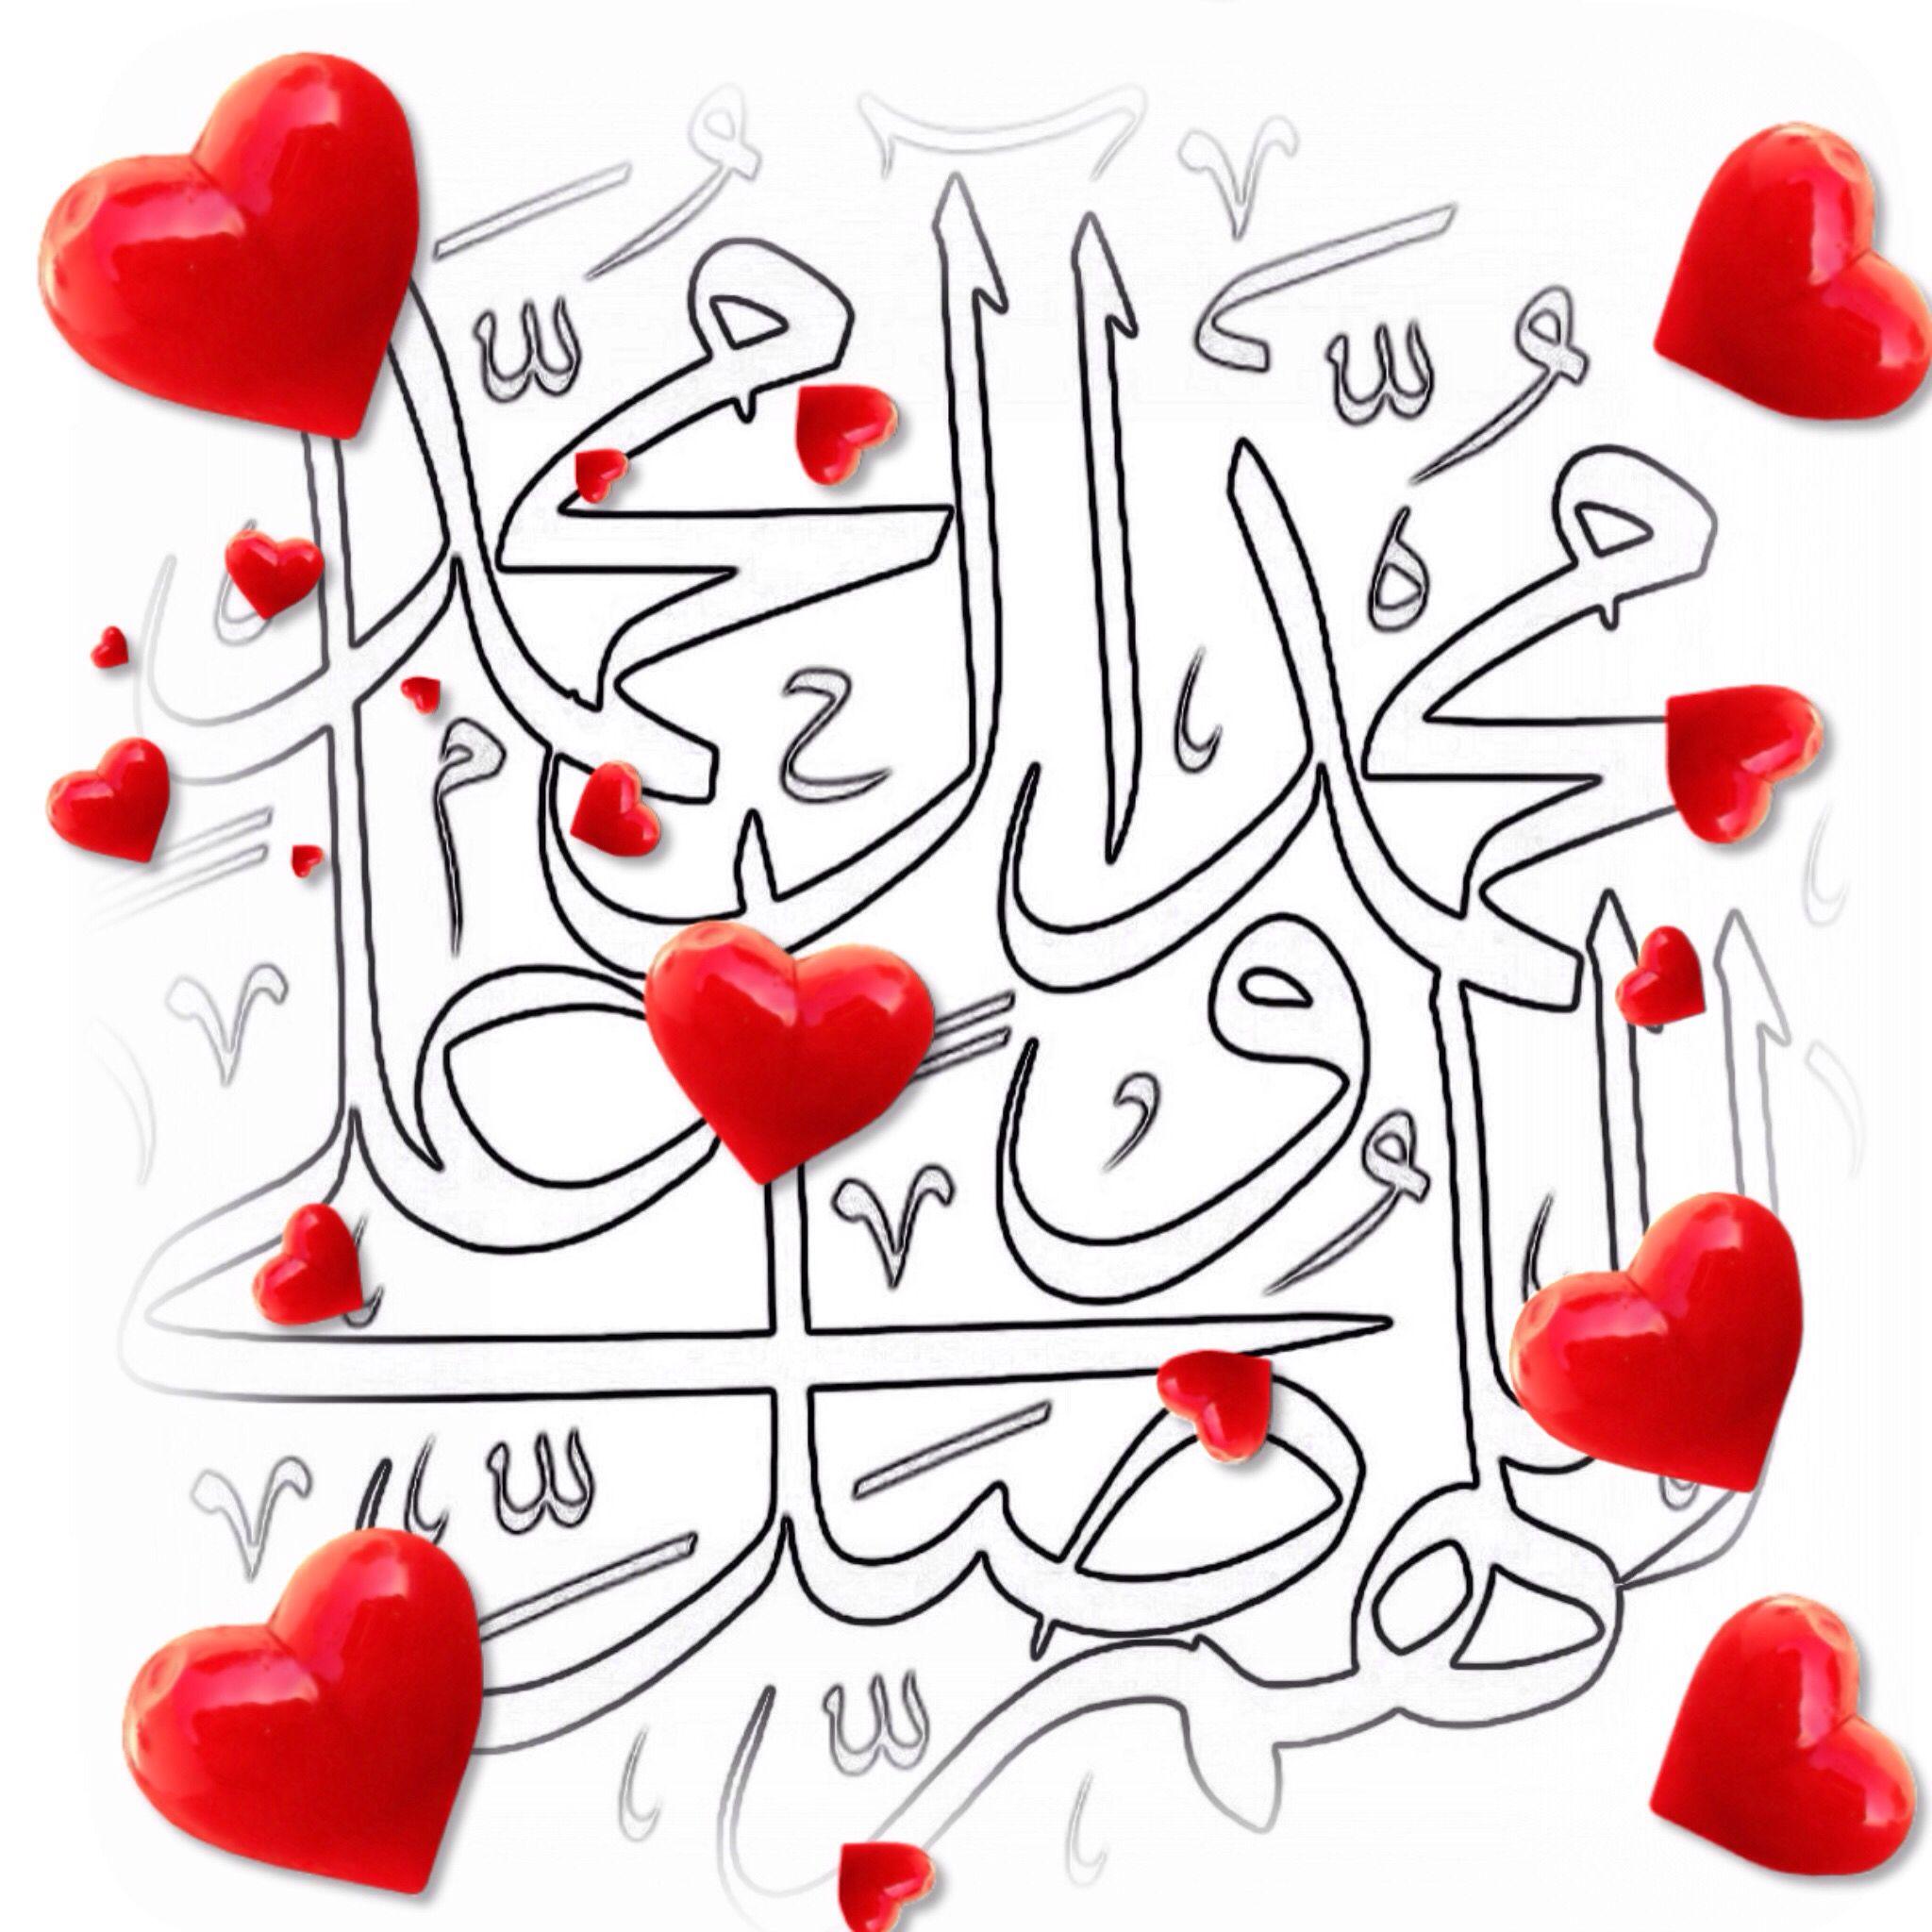 اللهم صل على محمد وآل محمد وعجل فرجهم Islami sanat